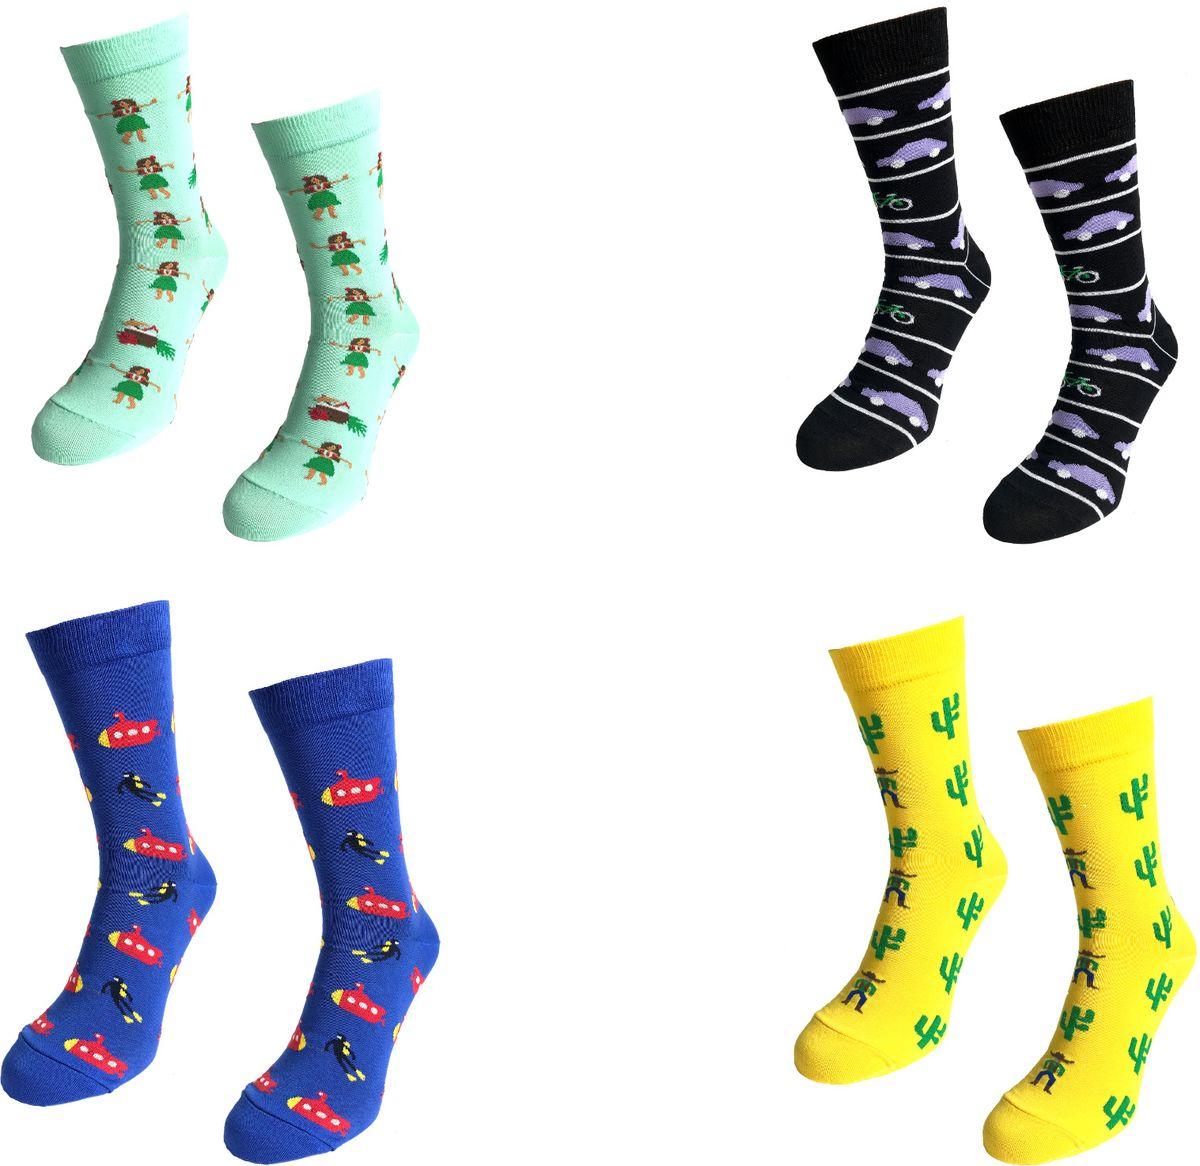 Носки Big Bang Socks, цвет: бирюзовый, черный, синий, желтый, 4 пары. box4b211. Размер 40/44box4b211Яркие носки Big Bang Socks изготовлены из высококачественного хлопка с добавлением полиамидных и эластановых волокон, которые обеспечивают великолепную посадку. Носки отличаются ярким стильным дизайном. Они оформлены забавным изображением и надписью на английском языке. Принты не симметричны на правом и левом носке.Удобная резинка идеально облегает ногу и не пережимает сосуды, усиленныепятка и мысок повышают износоустойчивость носка, а удлиненный паголенокпридает более эстетичный вид. Дизайнерские носки Big Bang Socks - яркая деталь в вашем образе и оригинальныйподарок для друзей и близких.В комплекте четыре пары носков.